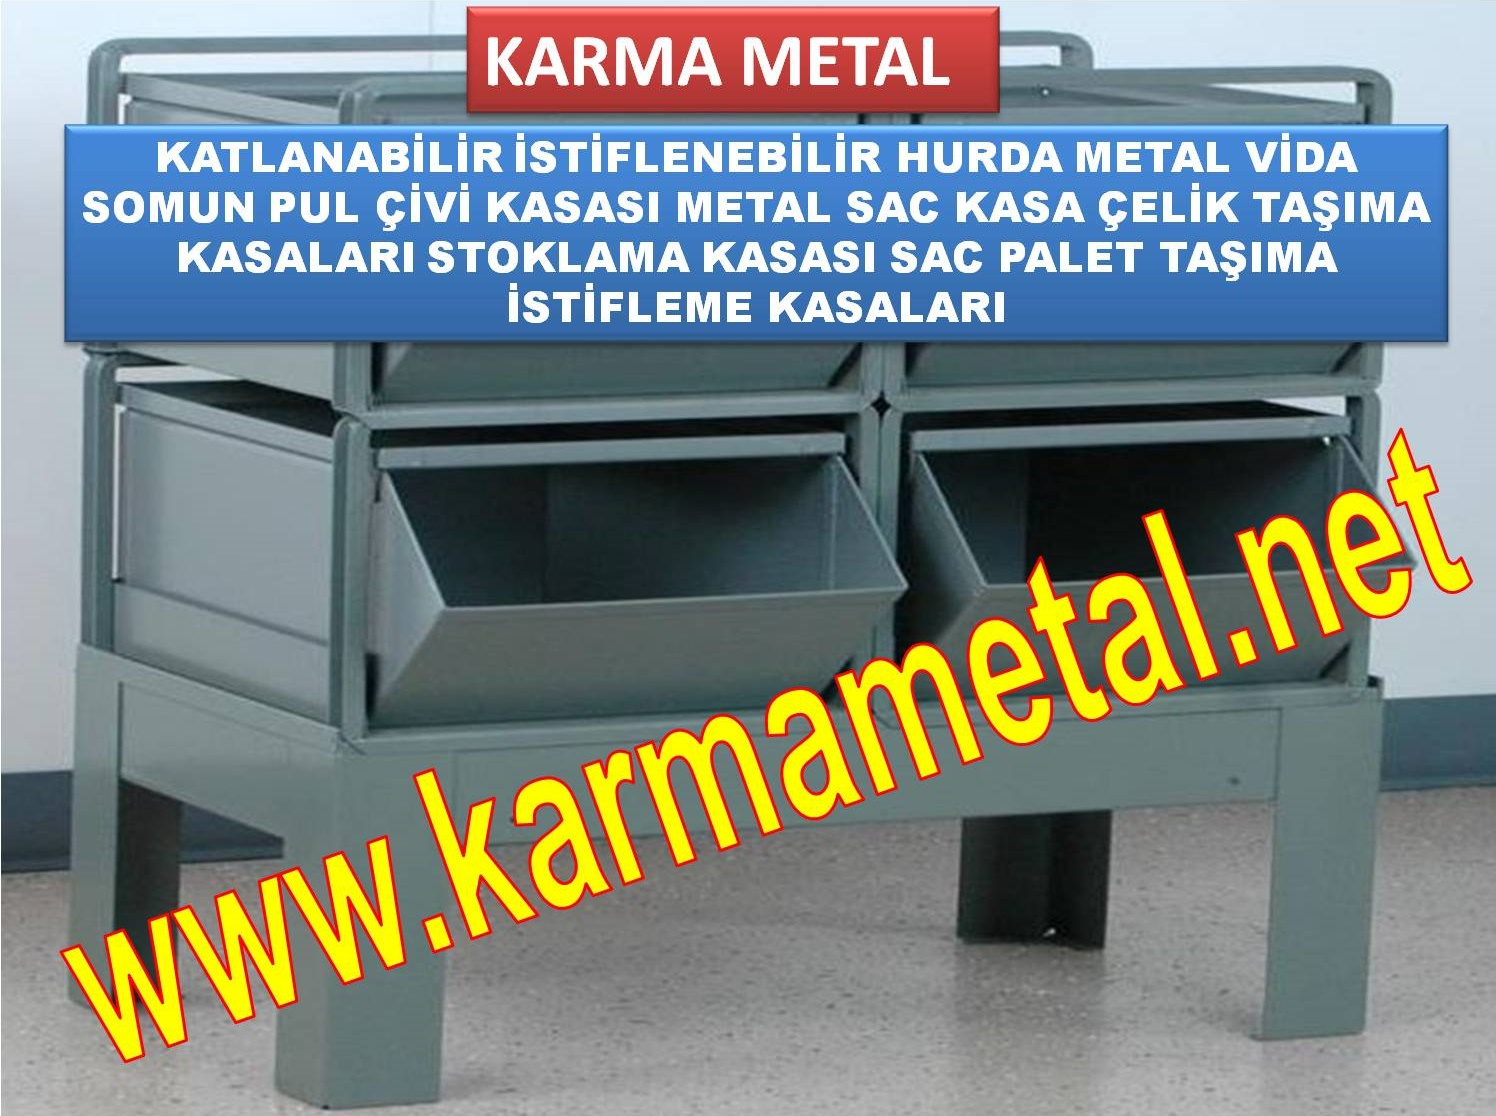 metal tasima ve sevkiyat kasasi kasalari sandik palet fiyati (1)